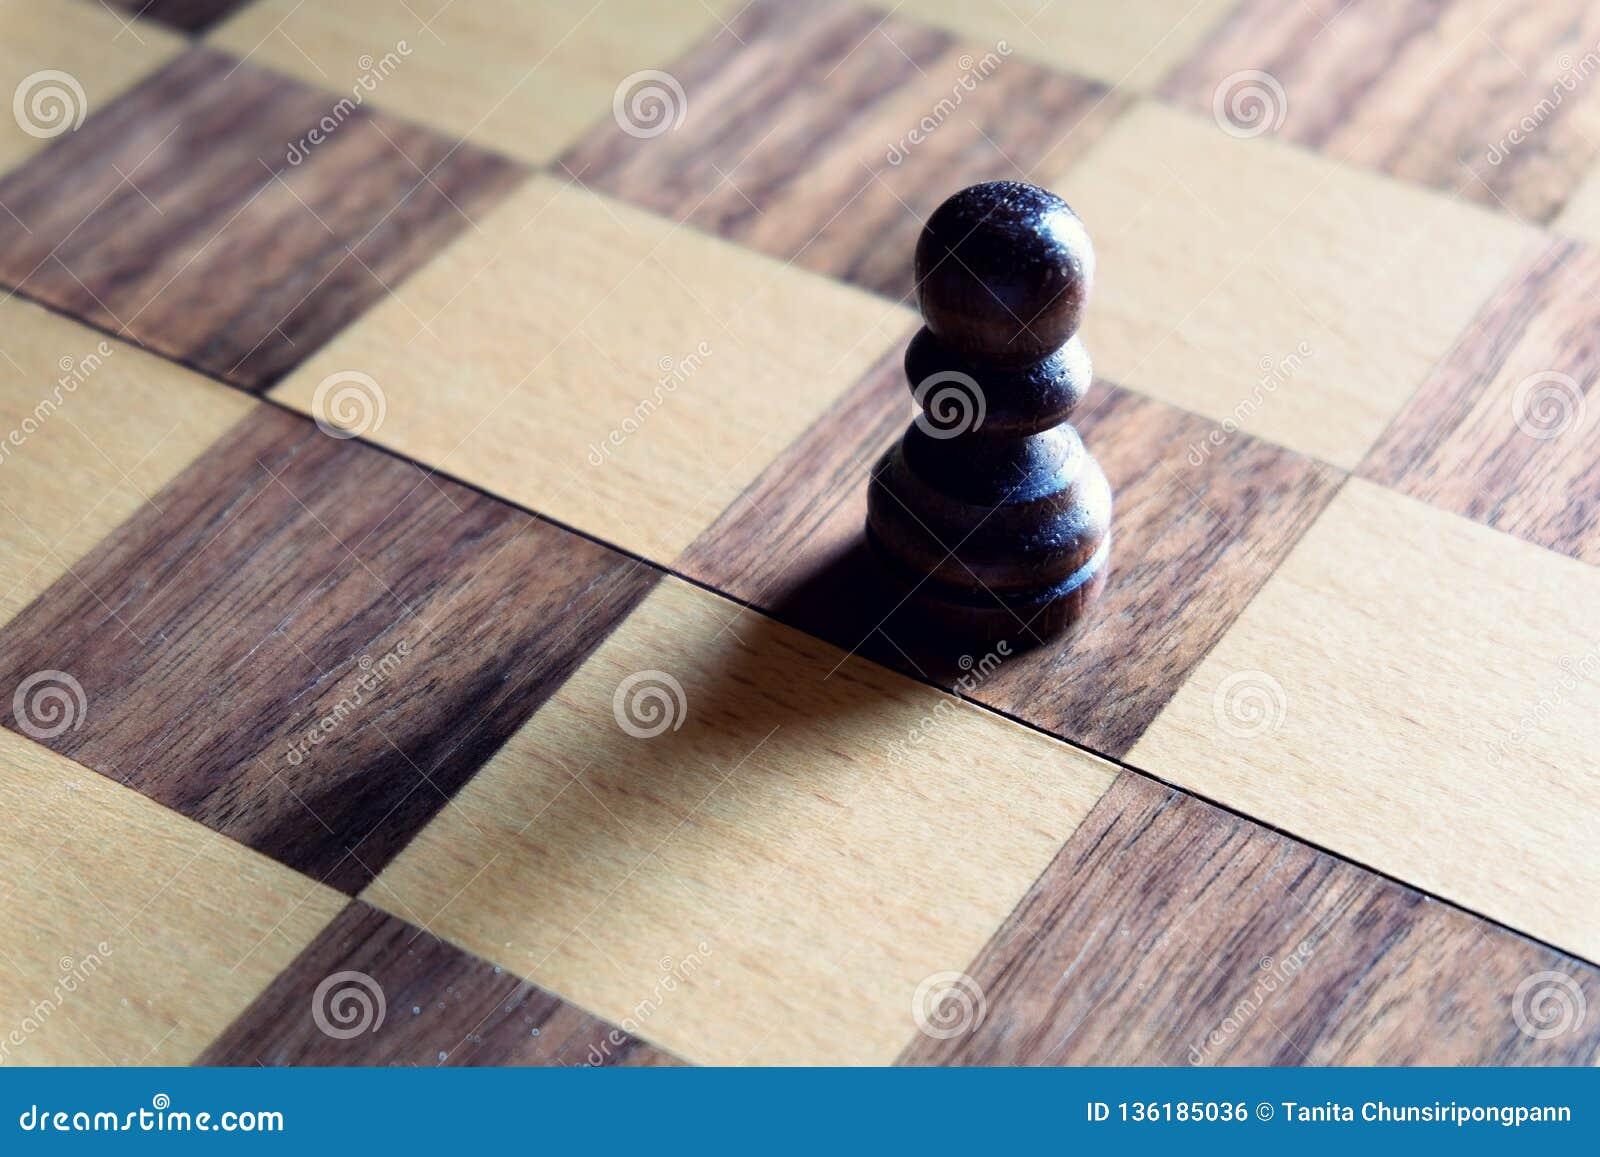 Szachowa gra planszowa Czarnego pionka stojaka znakomity poniższy miękki światło Przywódctwo pojęcie Biznesowy zwycięzca